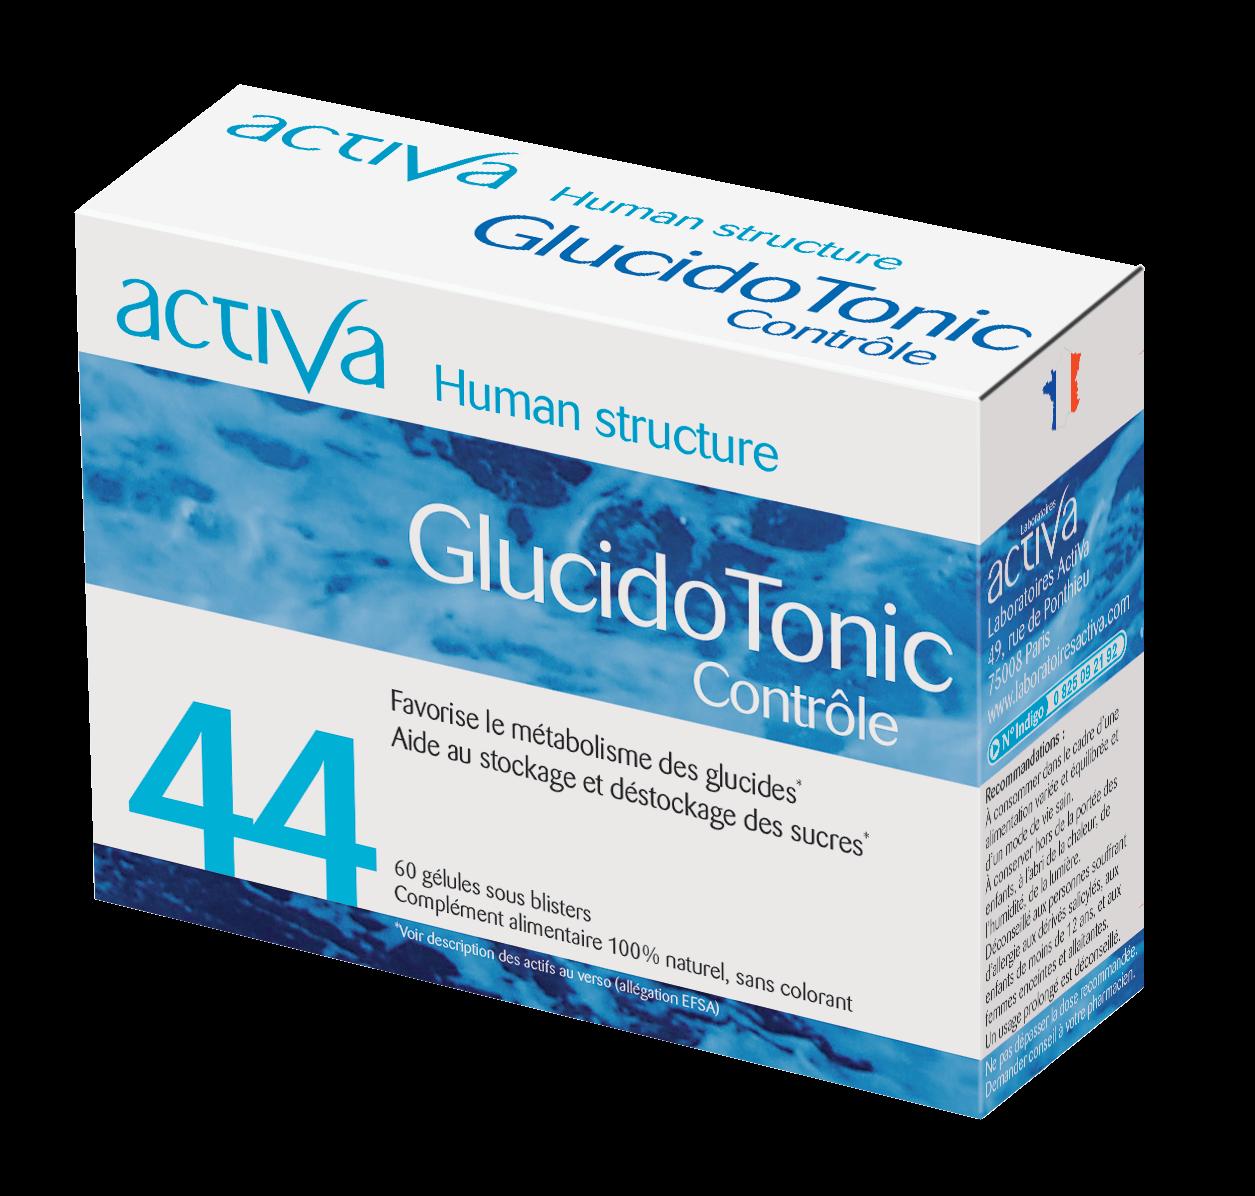 glucides-activa